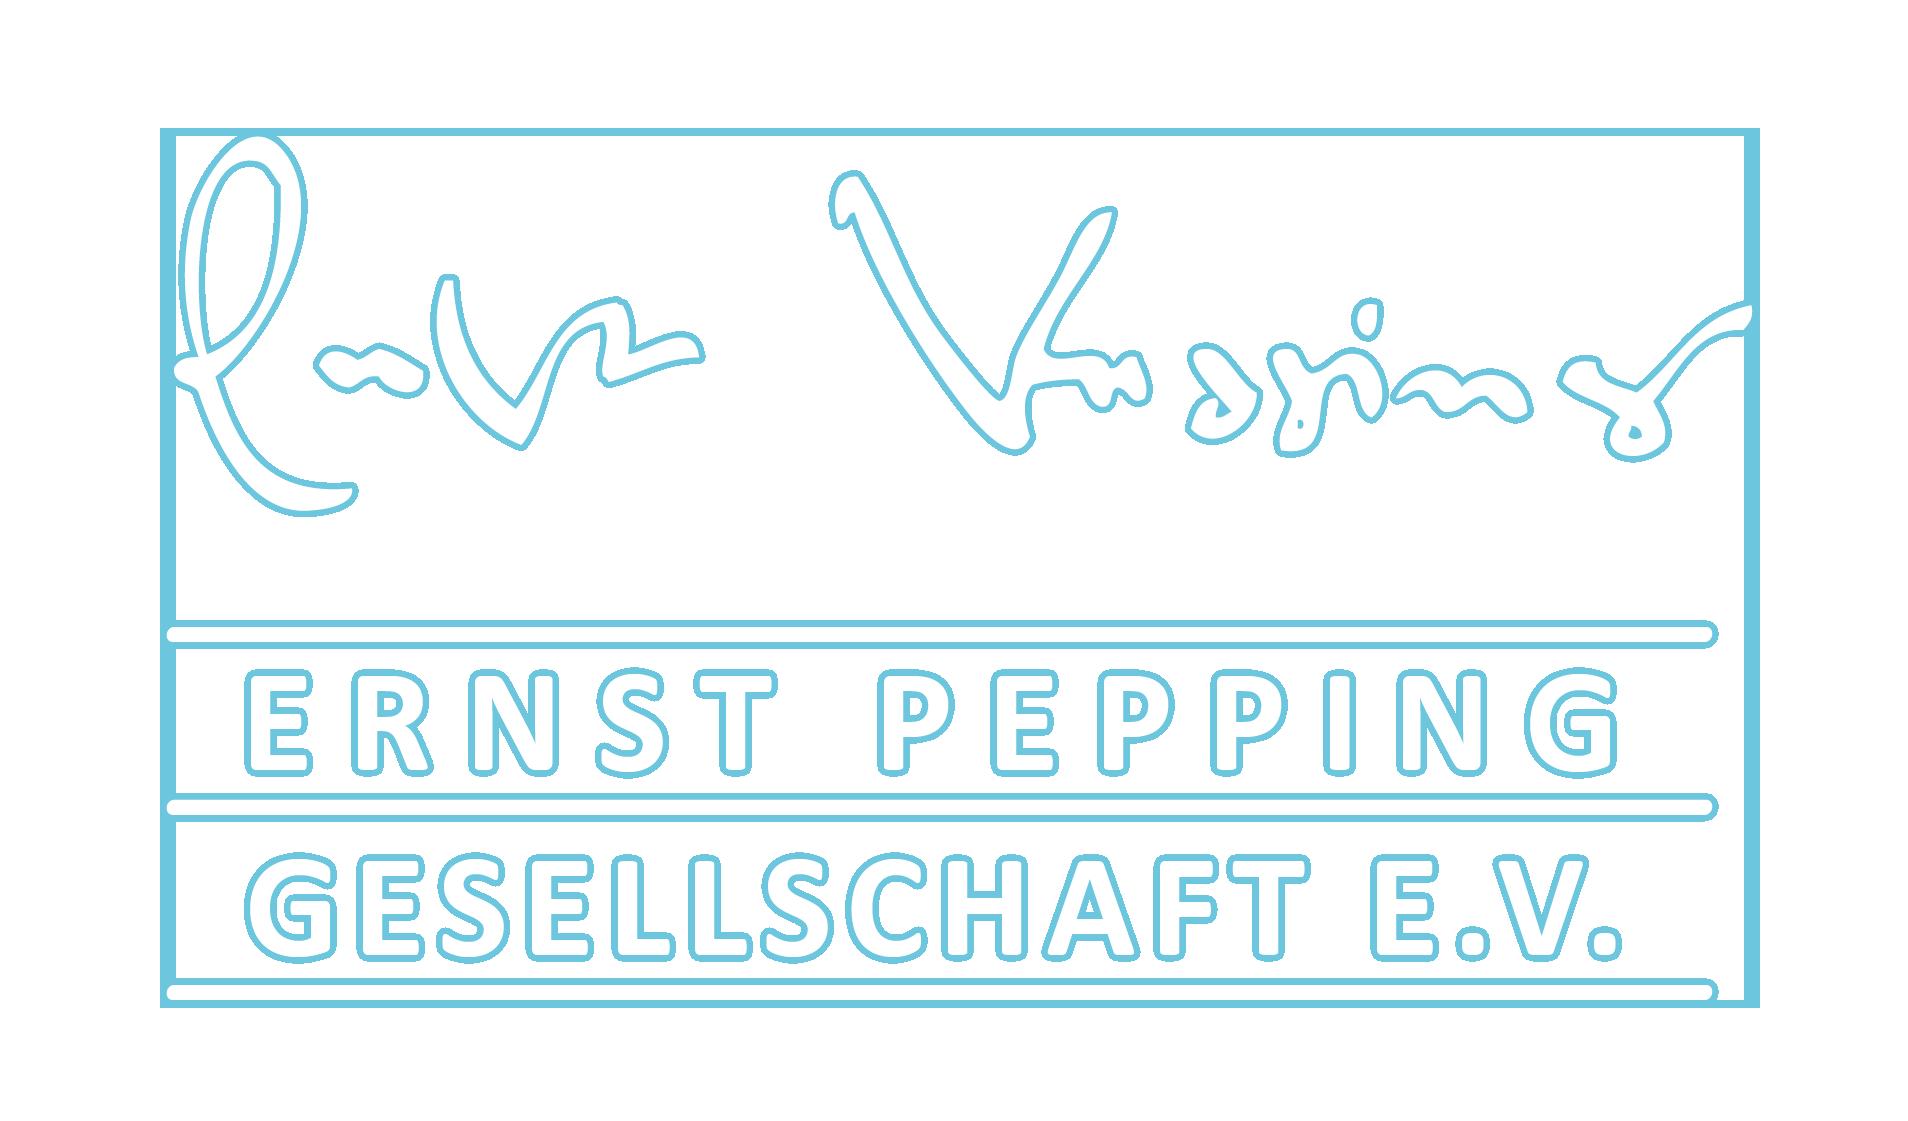 Ernst Pepping-Gesellschaft e. V.